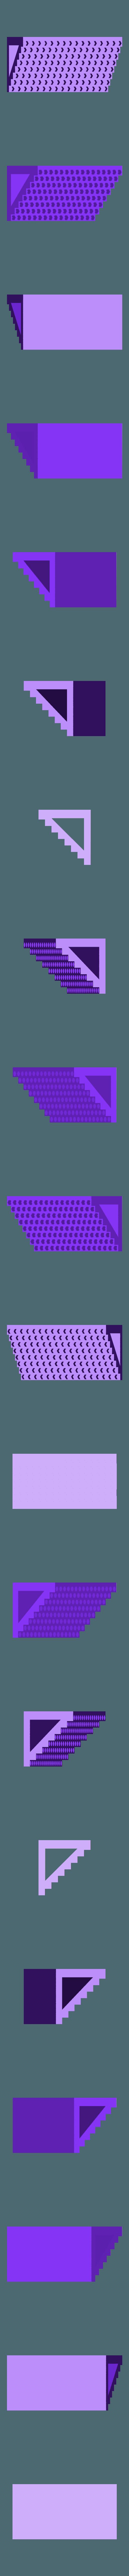 Bit_holder_free_standing_128_holder_v2.stl Download free OBJ file Screwdriver Bit Holder (128 Bits) • 3D printing design, simonlewis962